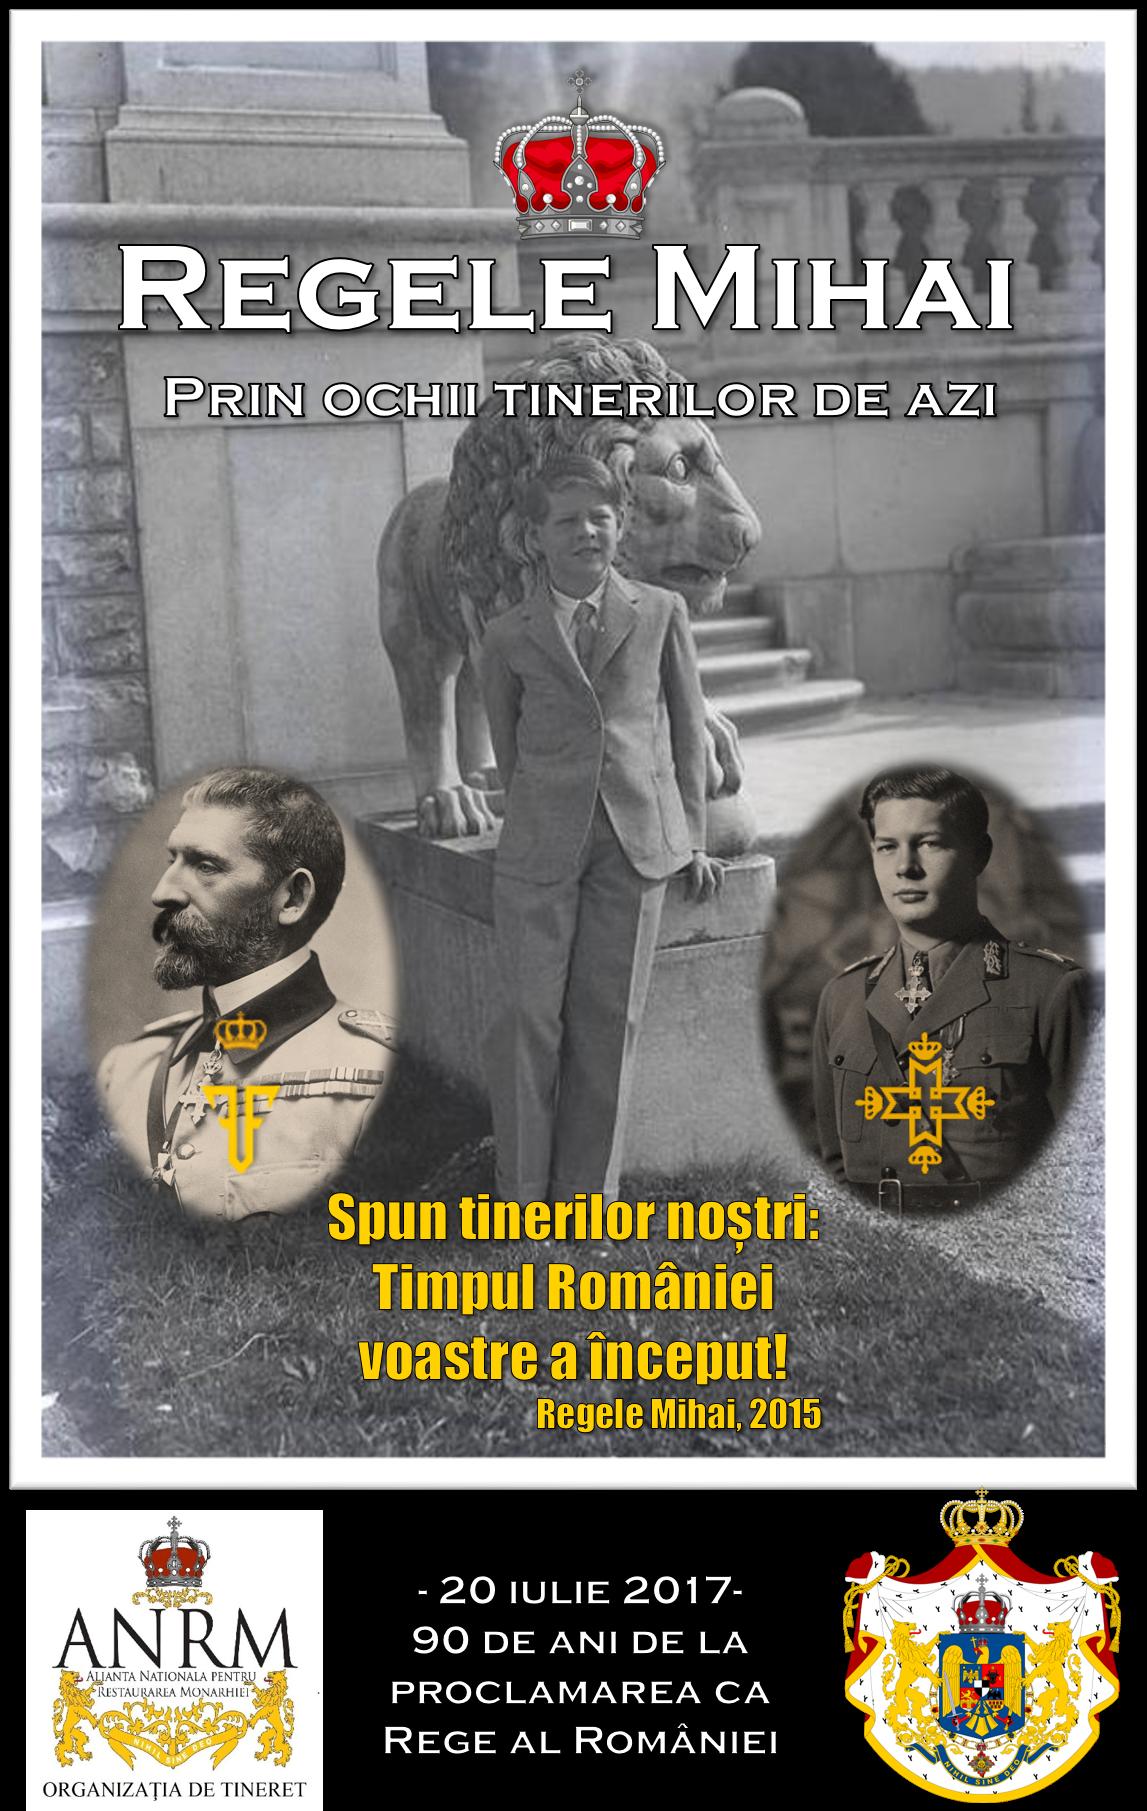 Regele Mihai prin ochii tinerilor de azi.png